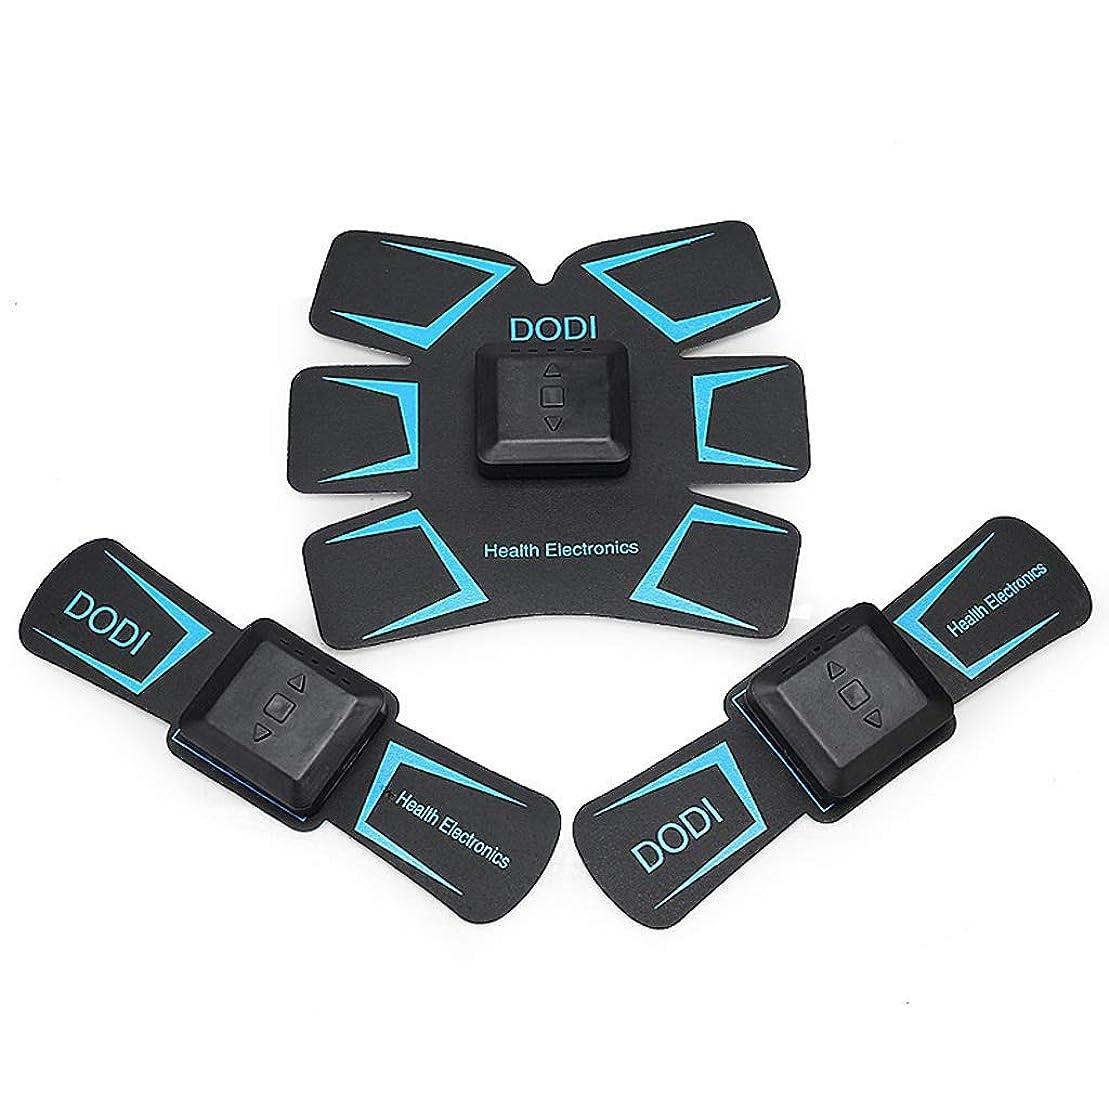 日遺産あいまいなABSトレーナーEMS筋肉刺激装置付き - USB充電式究極腹部刺激装置付きリズム&ソフトインパルス - ポータブルマッスルトナー (Color : Blu)